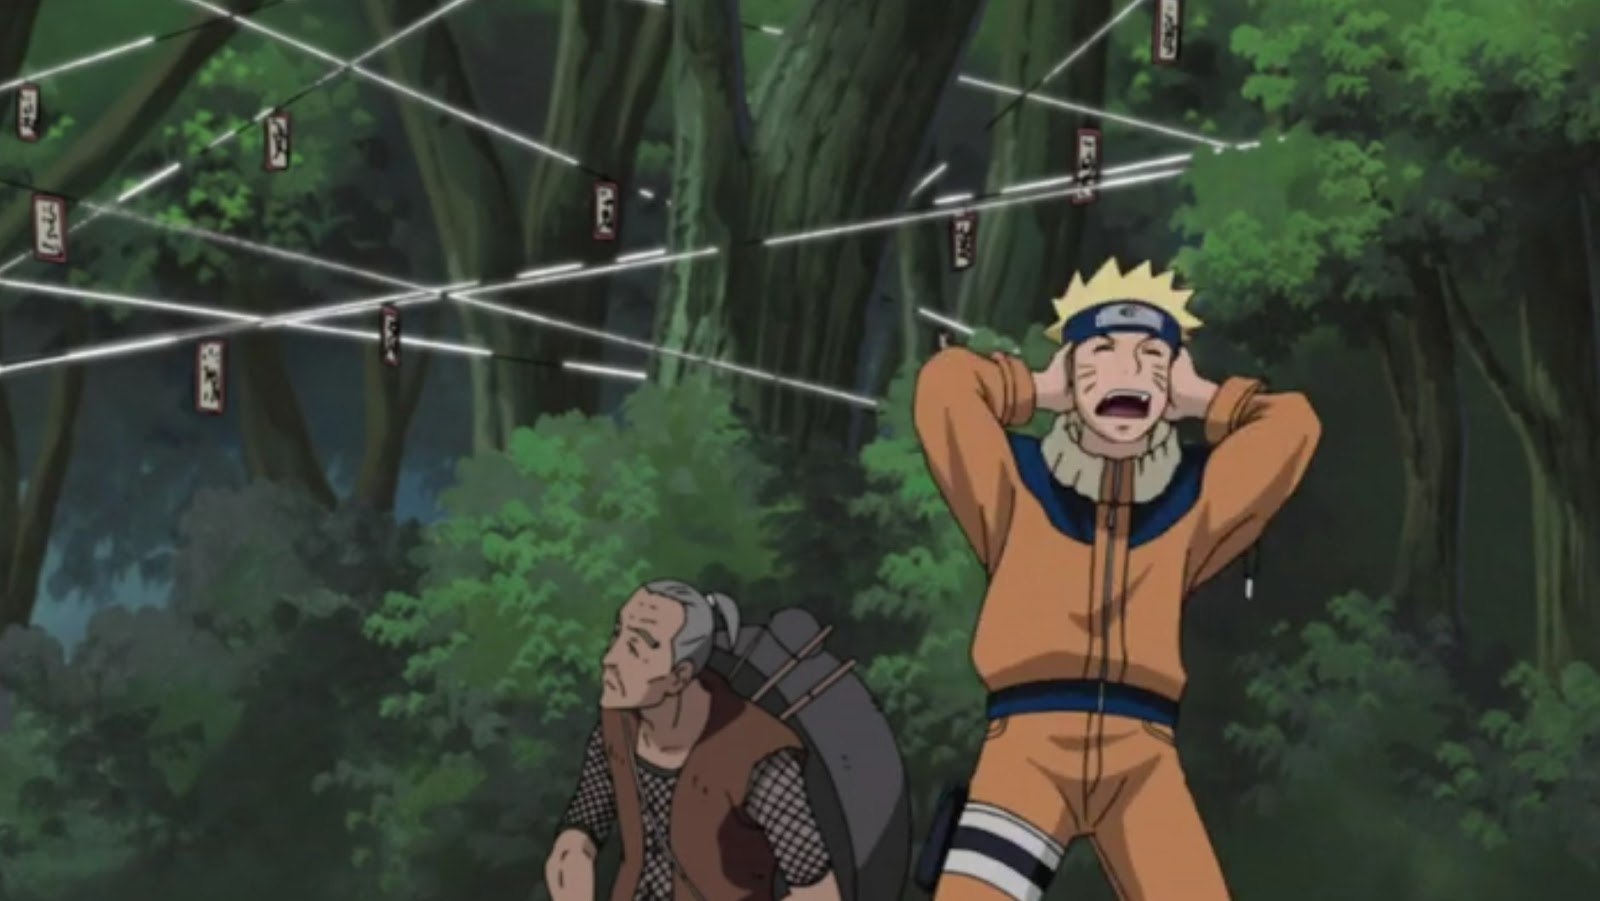 Naruto Shippuden: Episódio 190 – (Filler) Naruto e o Velho Soldado